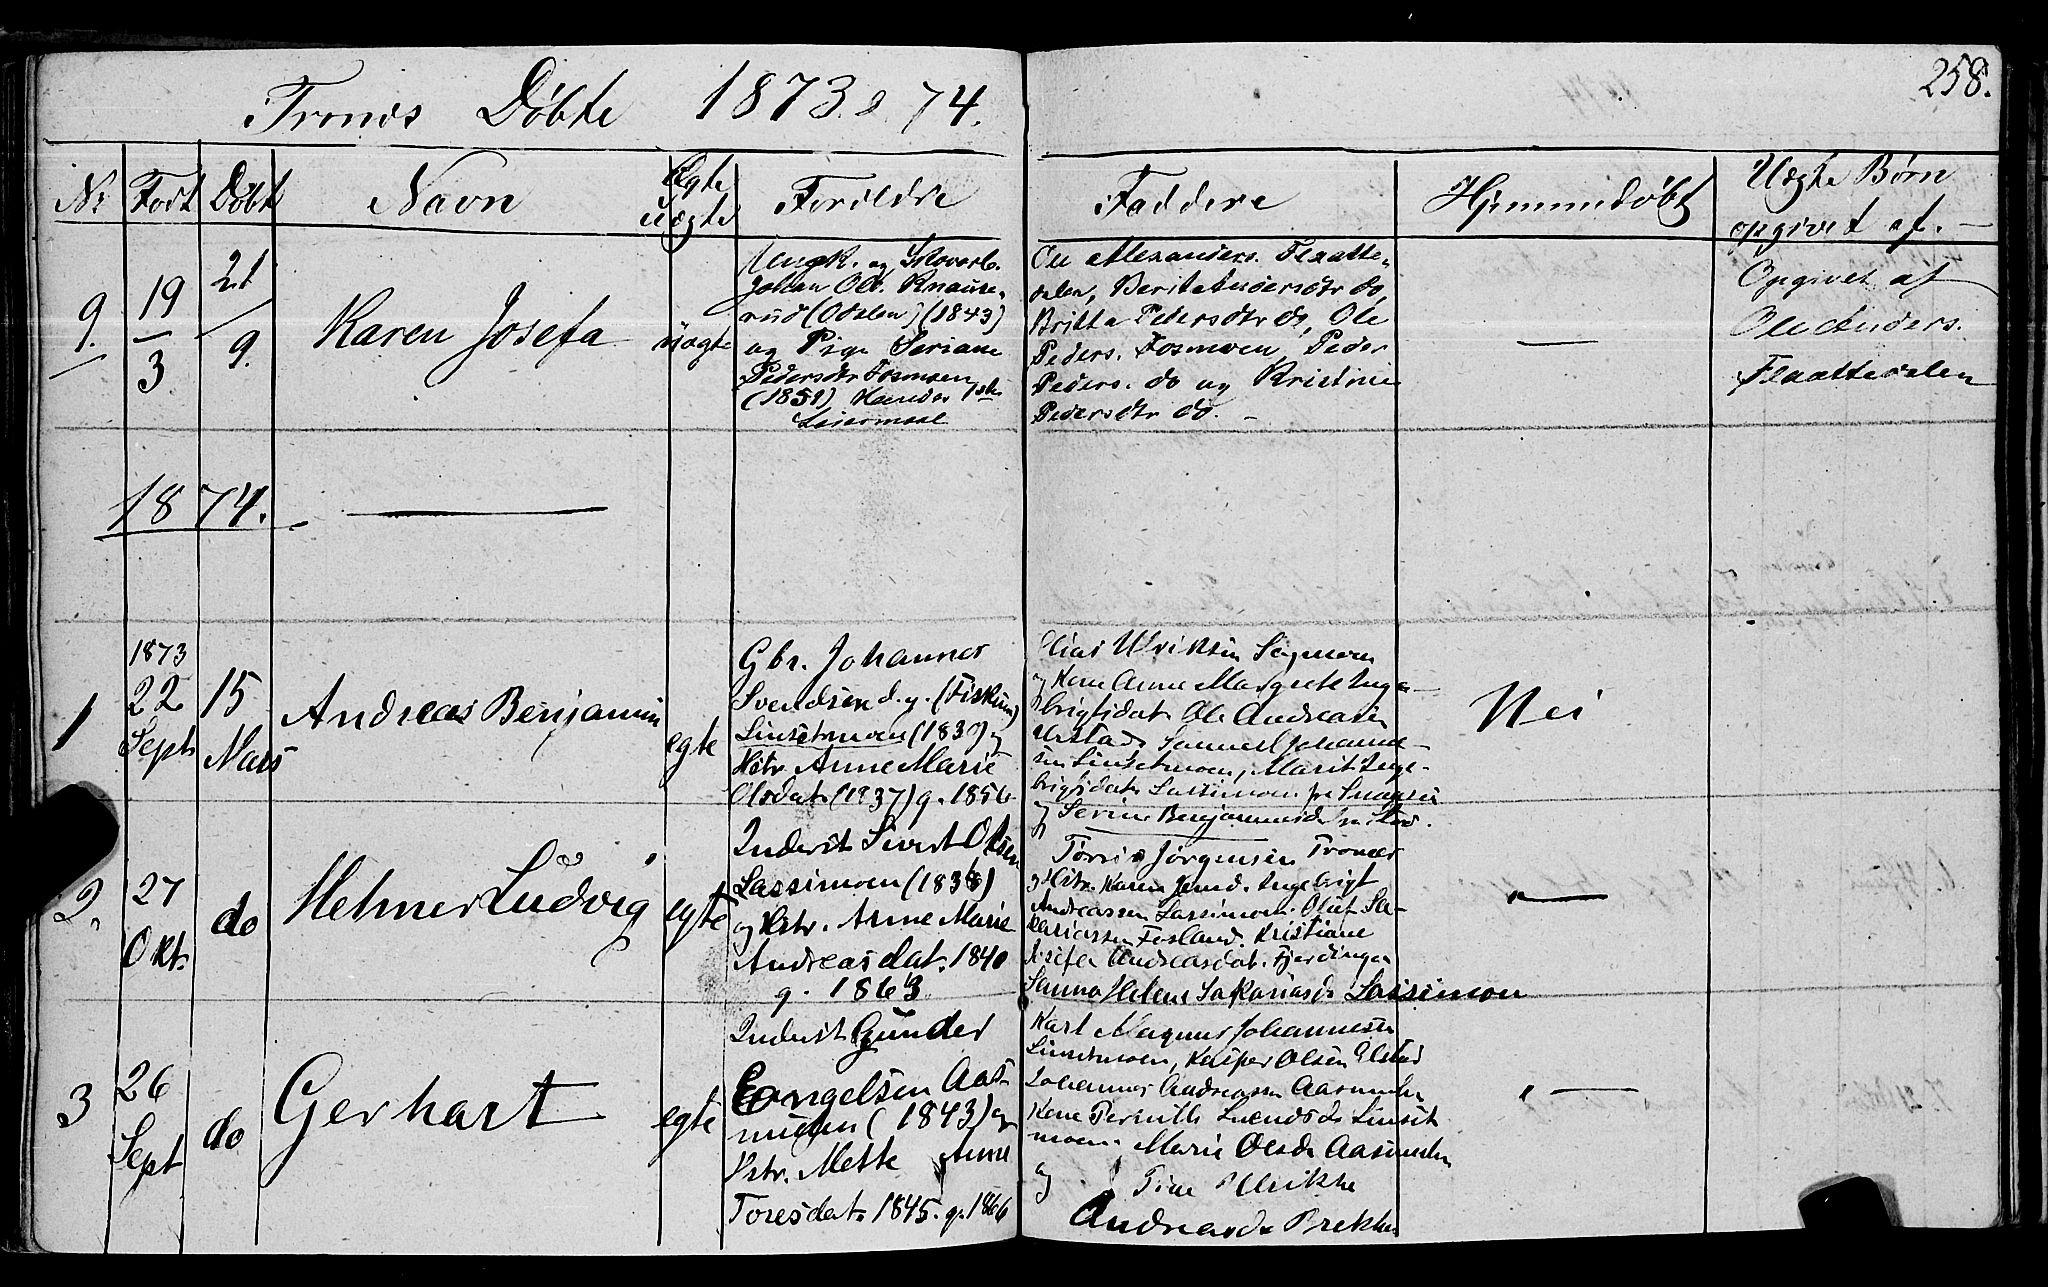 SAT, Ministerialprotokoller, klokkerbøker og fødselsregistre - Nord-Trøndelag, 762/L0538: Ministerialbok nr. 762A02 /2, 1833-1879, s. 258